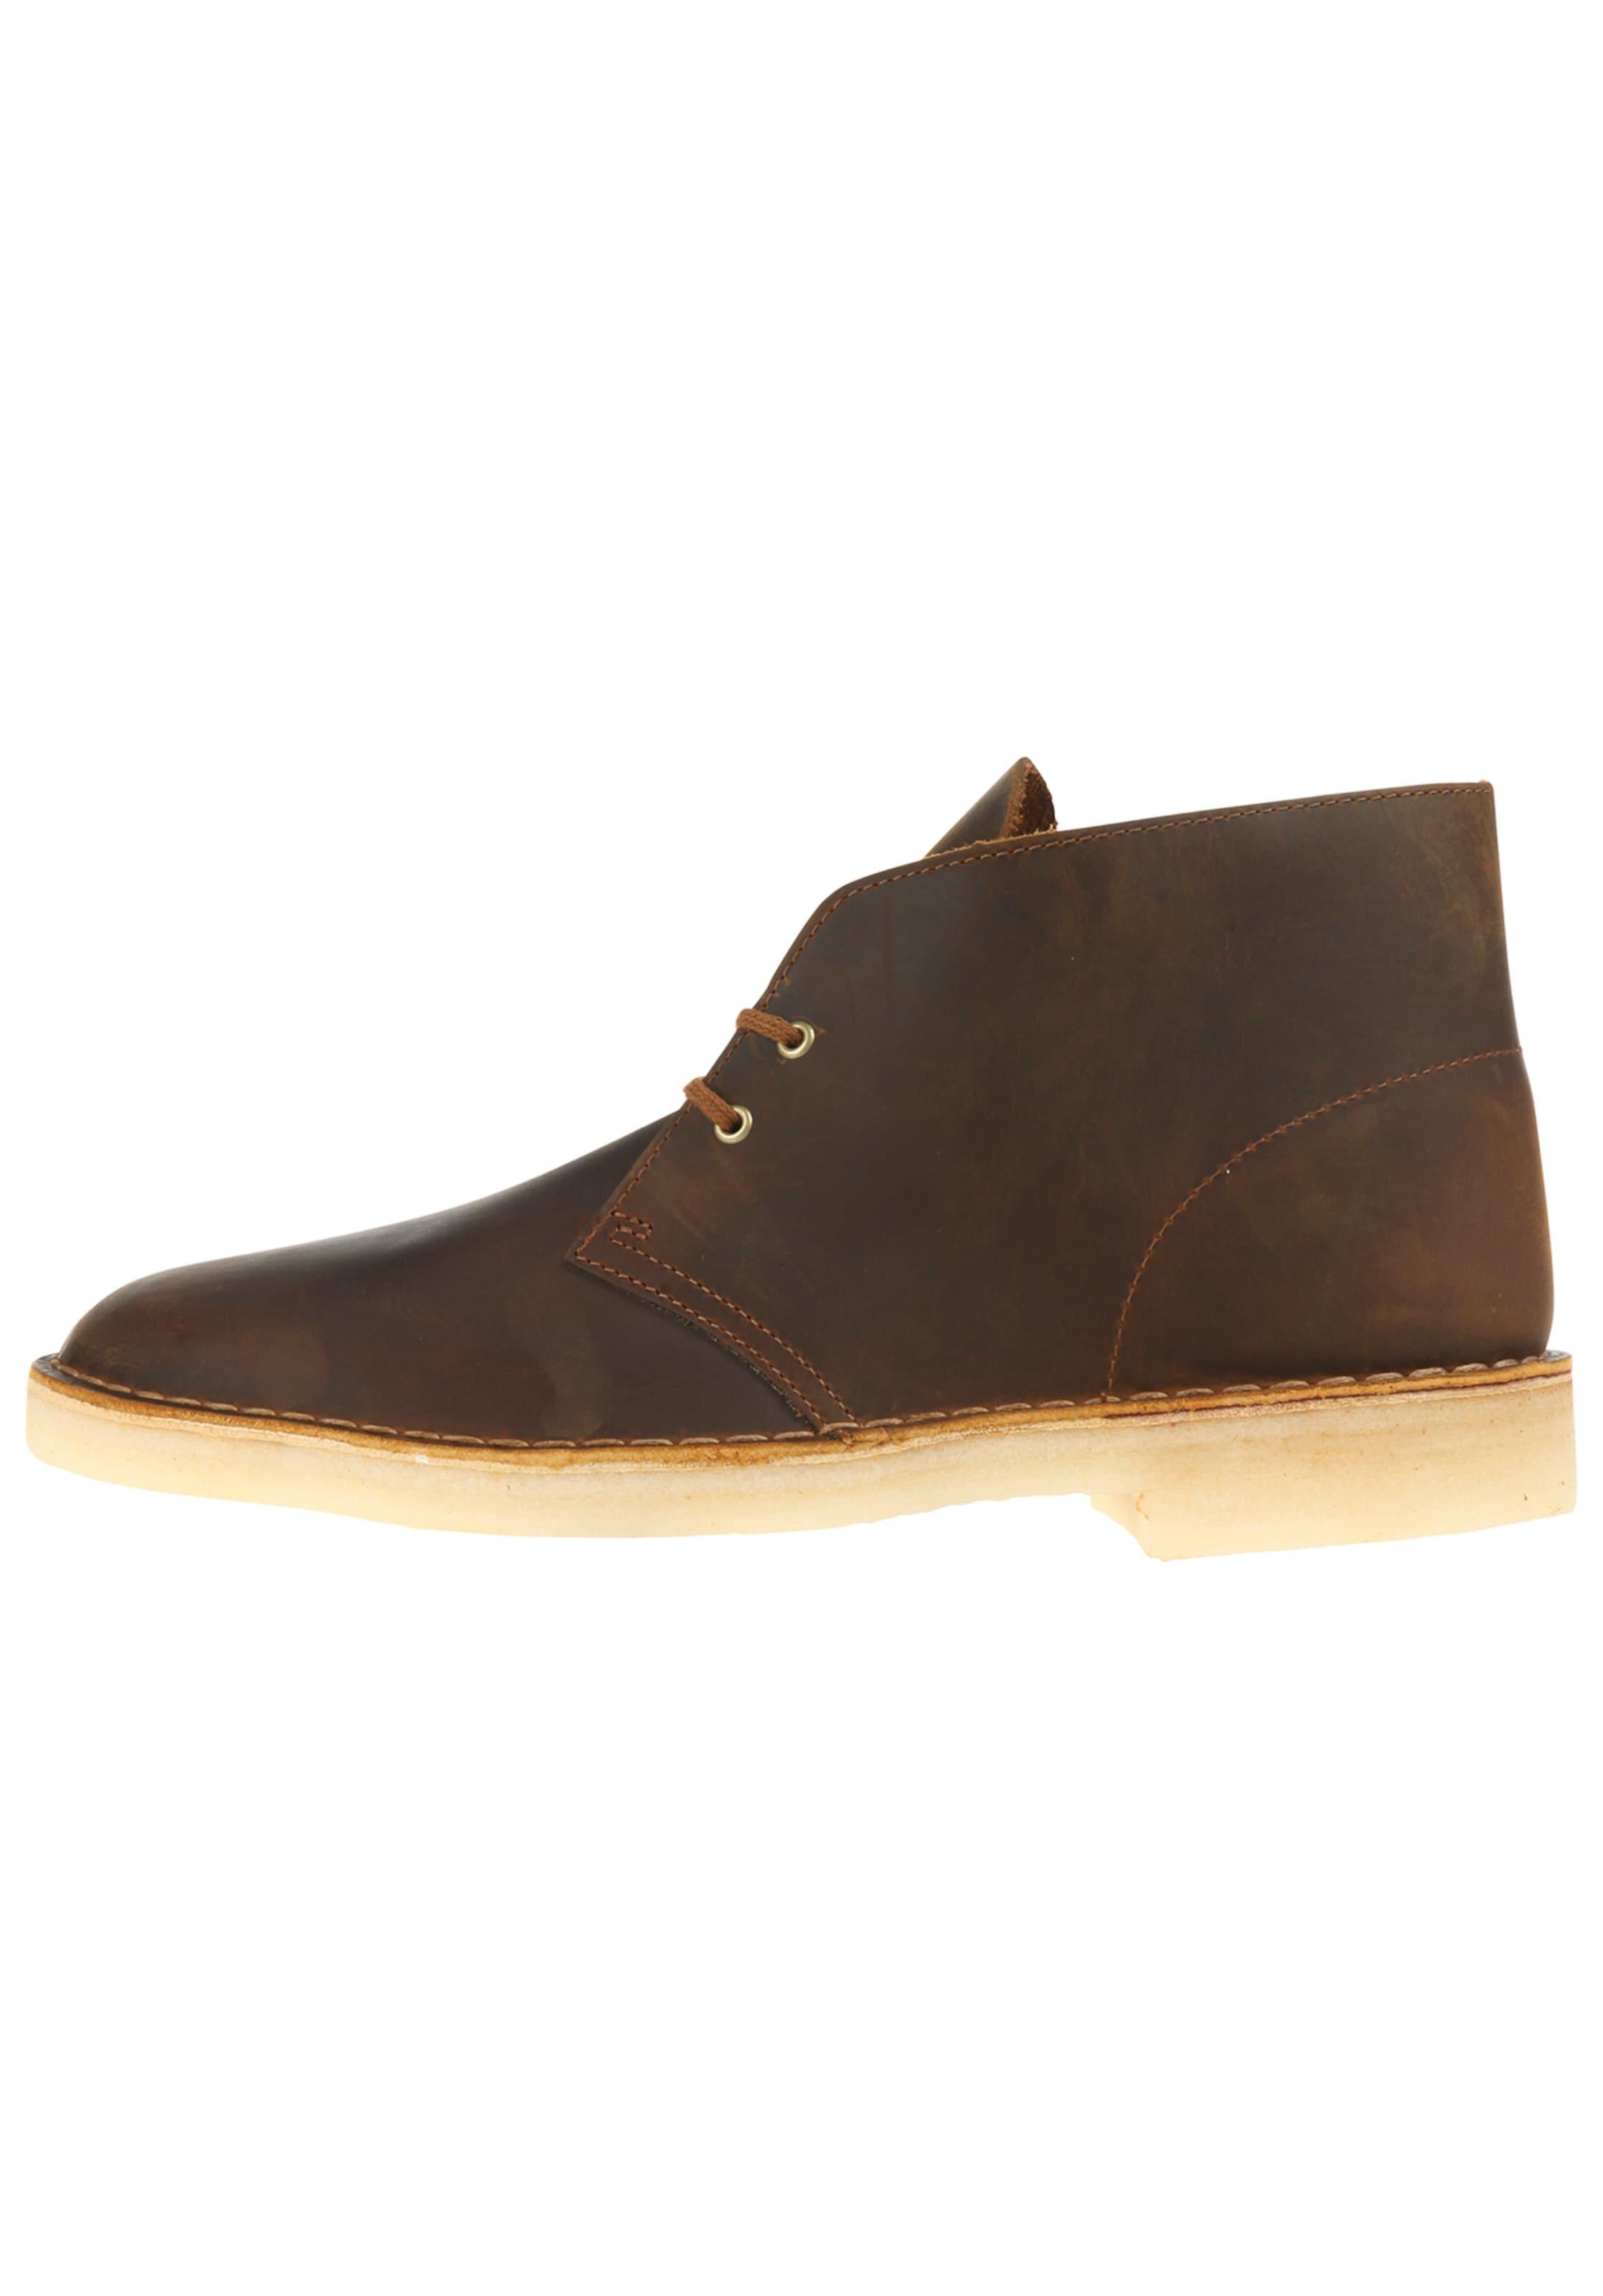 Originals Braun Clarks Schuhe Clarks In Originals Originals Schuhe Clarks In In Schuhe Braun tsrdxQCh